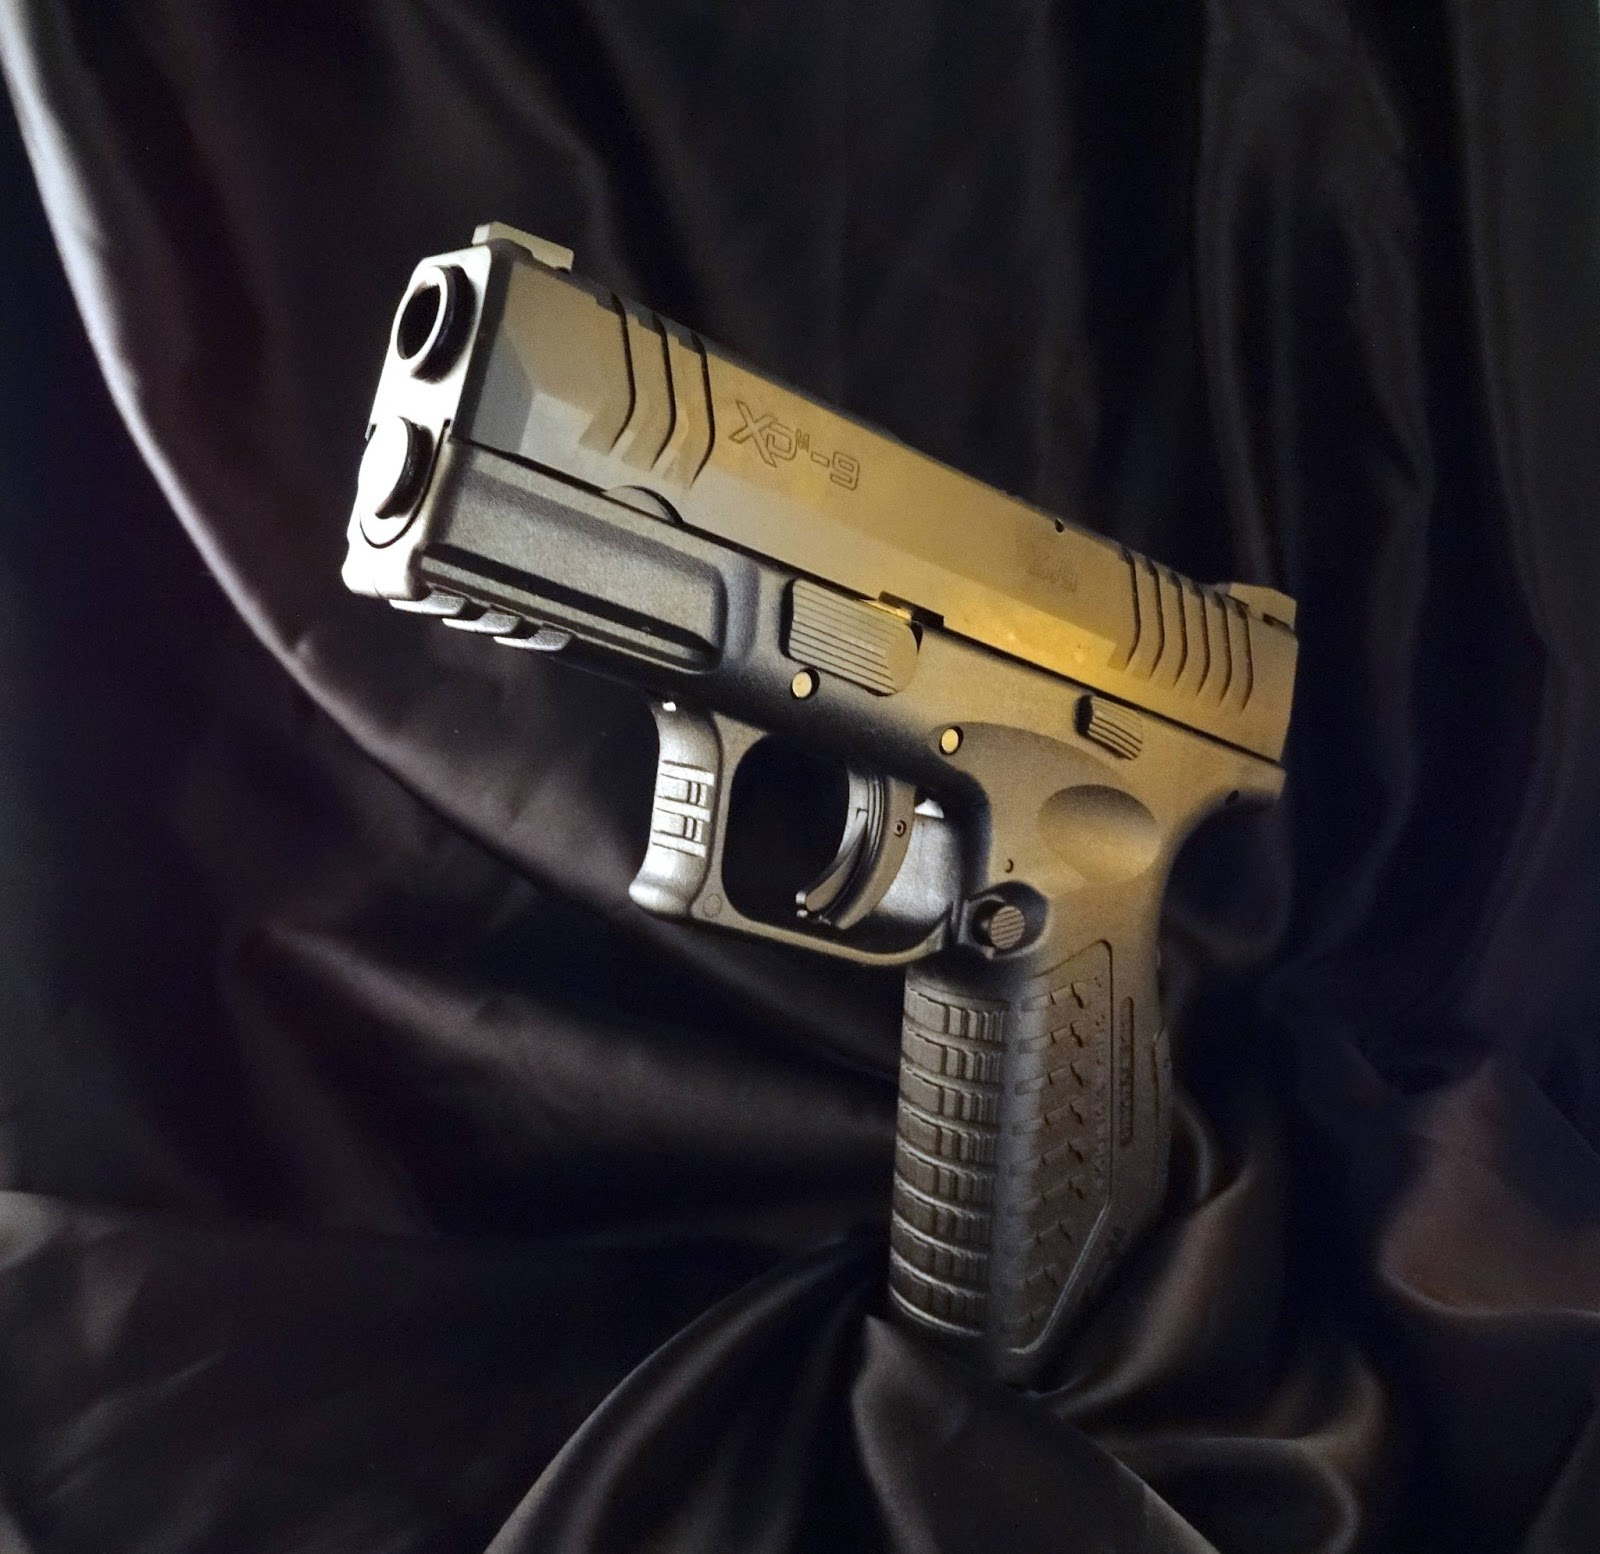 Xdm 3.8 Review Xdm 3.8 Inch 9mm Pistol